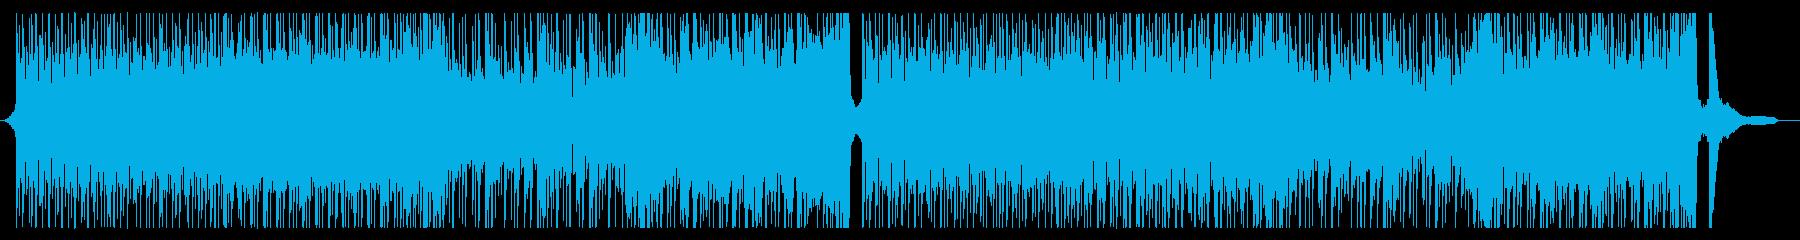 【ニュース】ニュース番組向け分析・解説Eの再生済みの波形